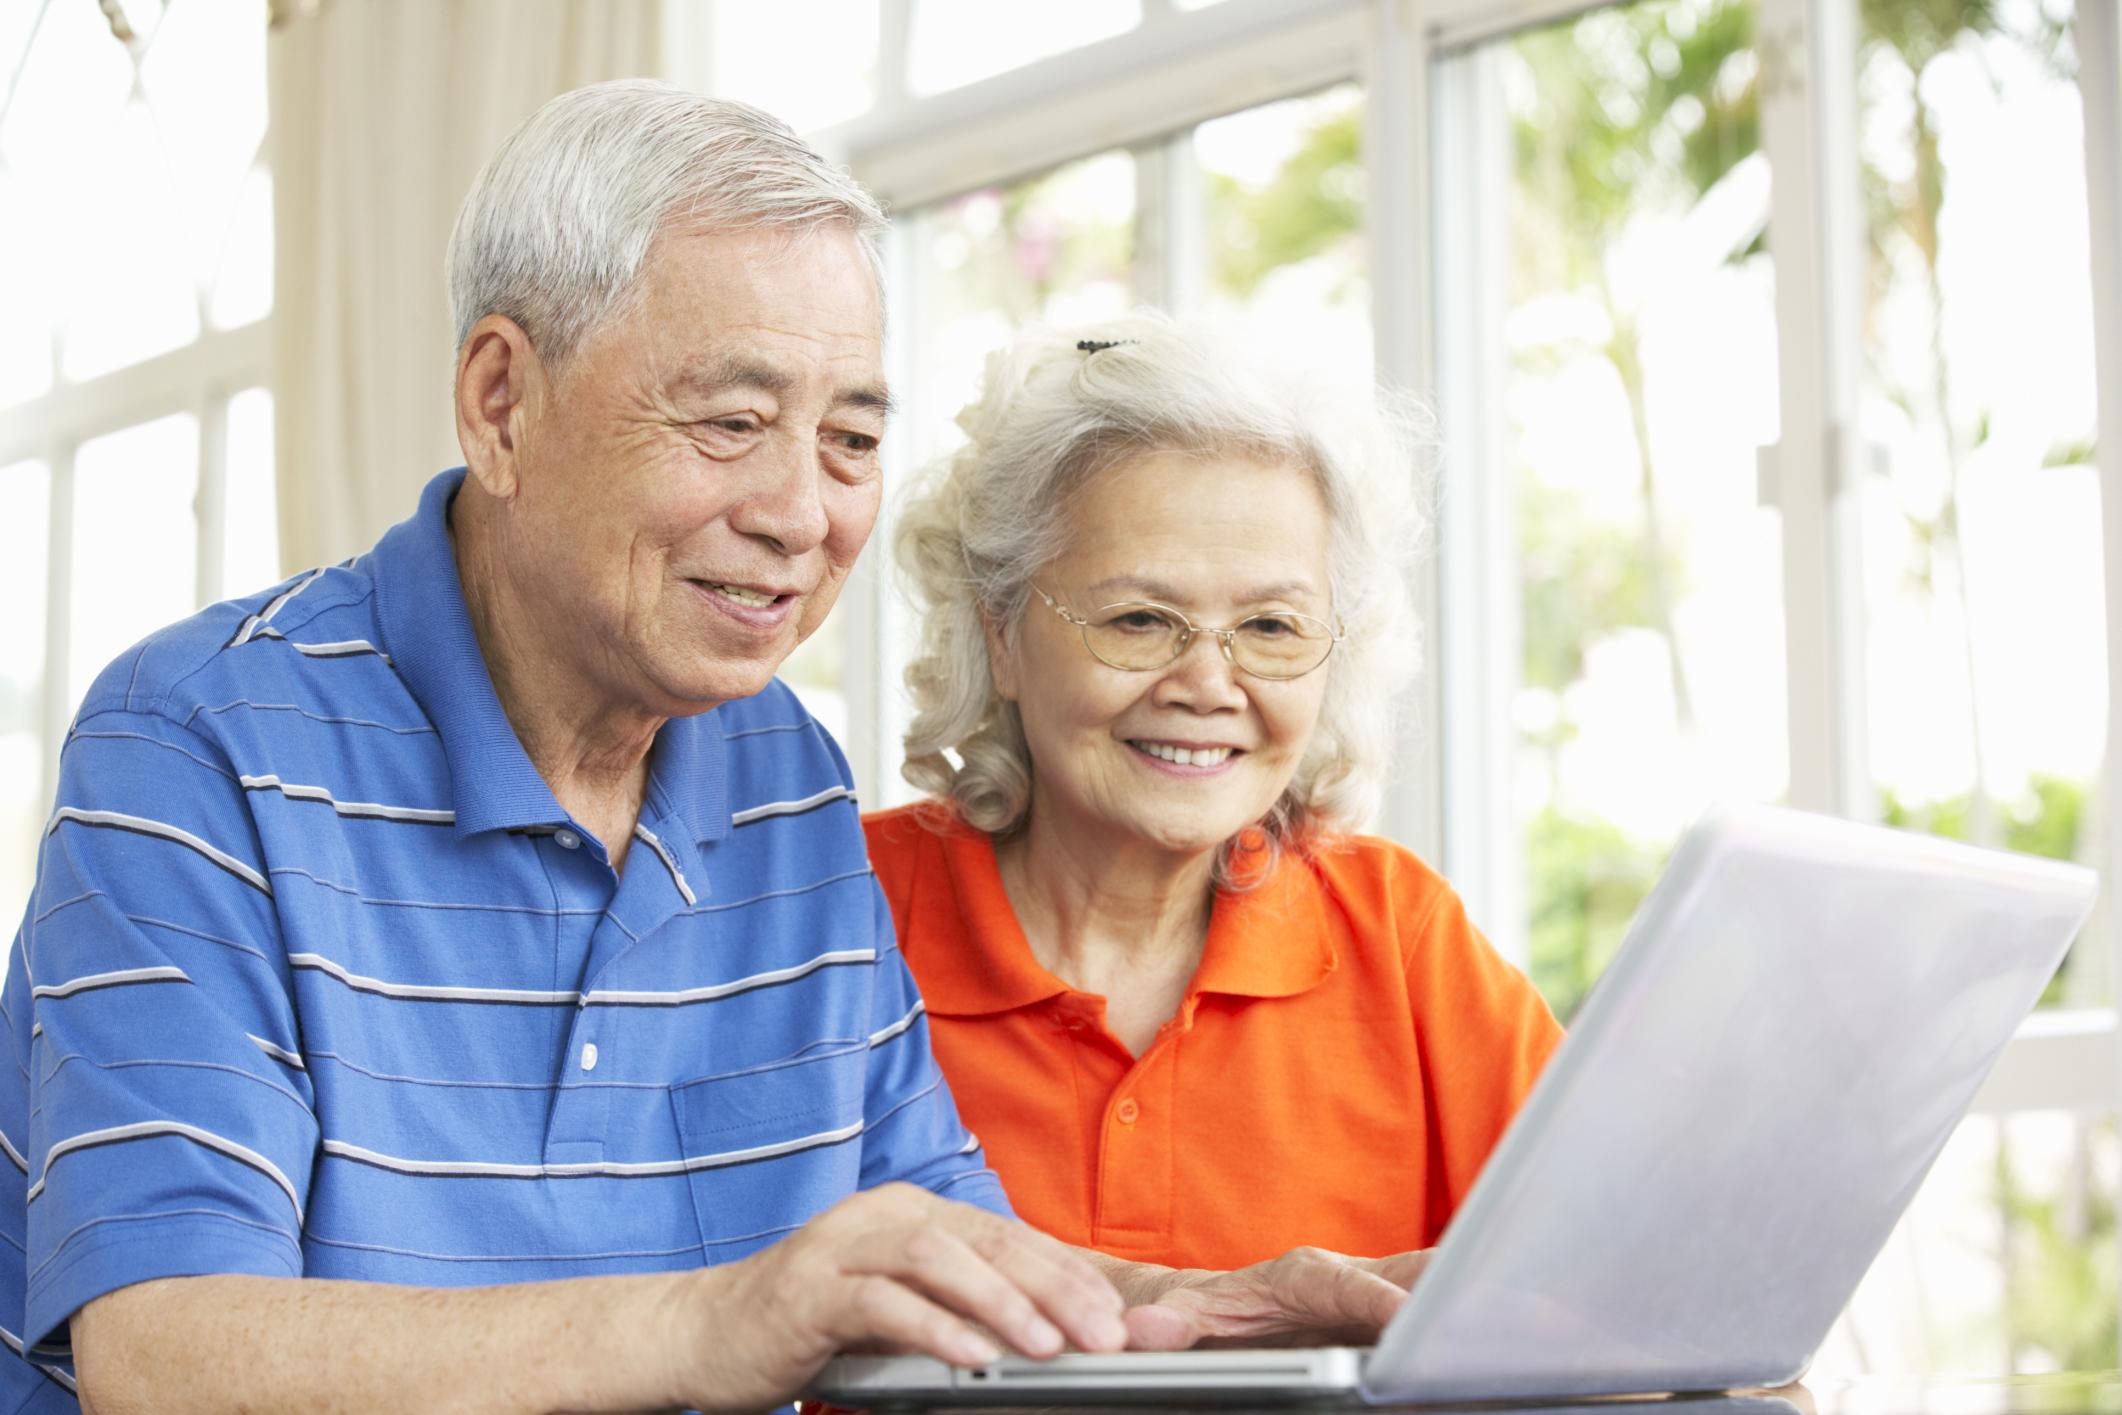 facebook,lừa đảo qua facebook,lừa đảo trên mạng,người già